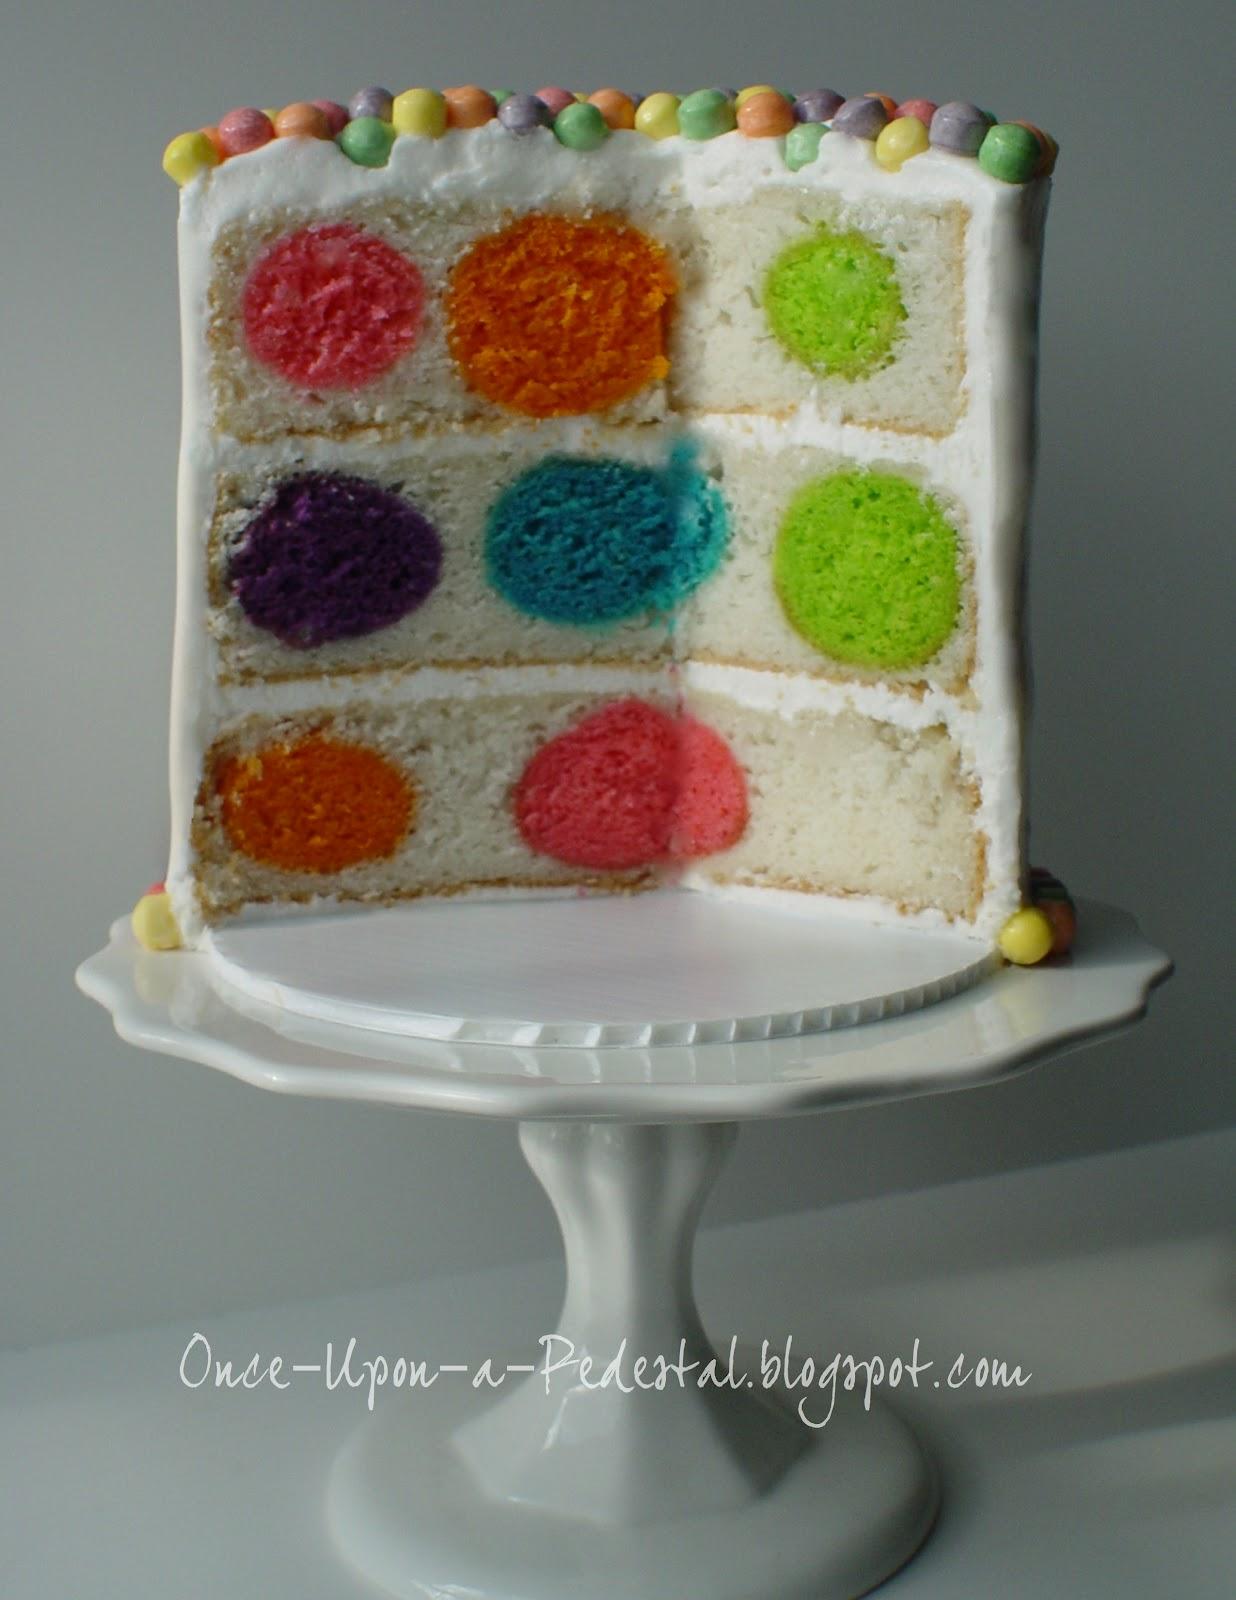 How To Make A Polka Dot Cake Inside